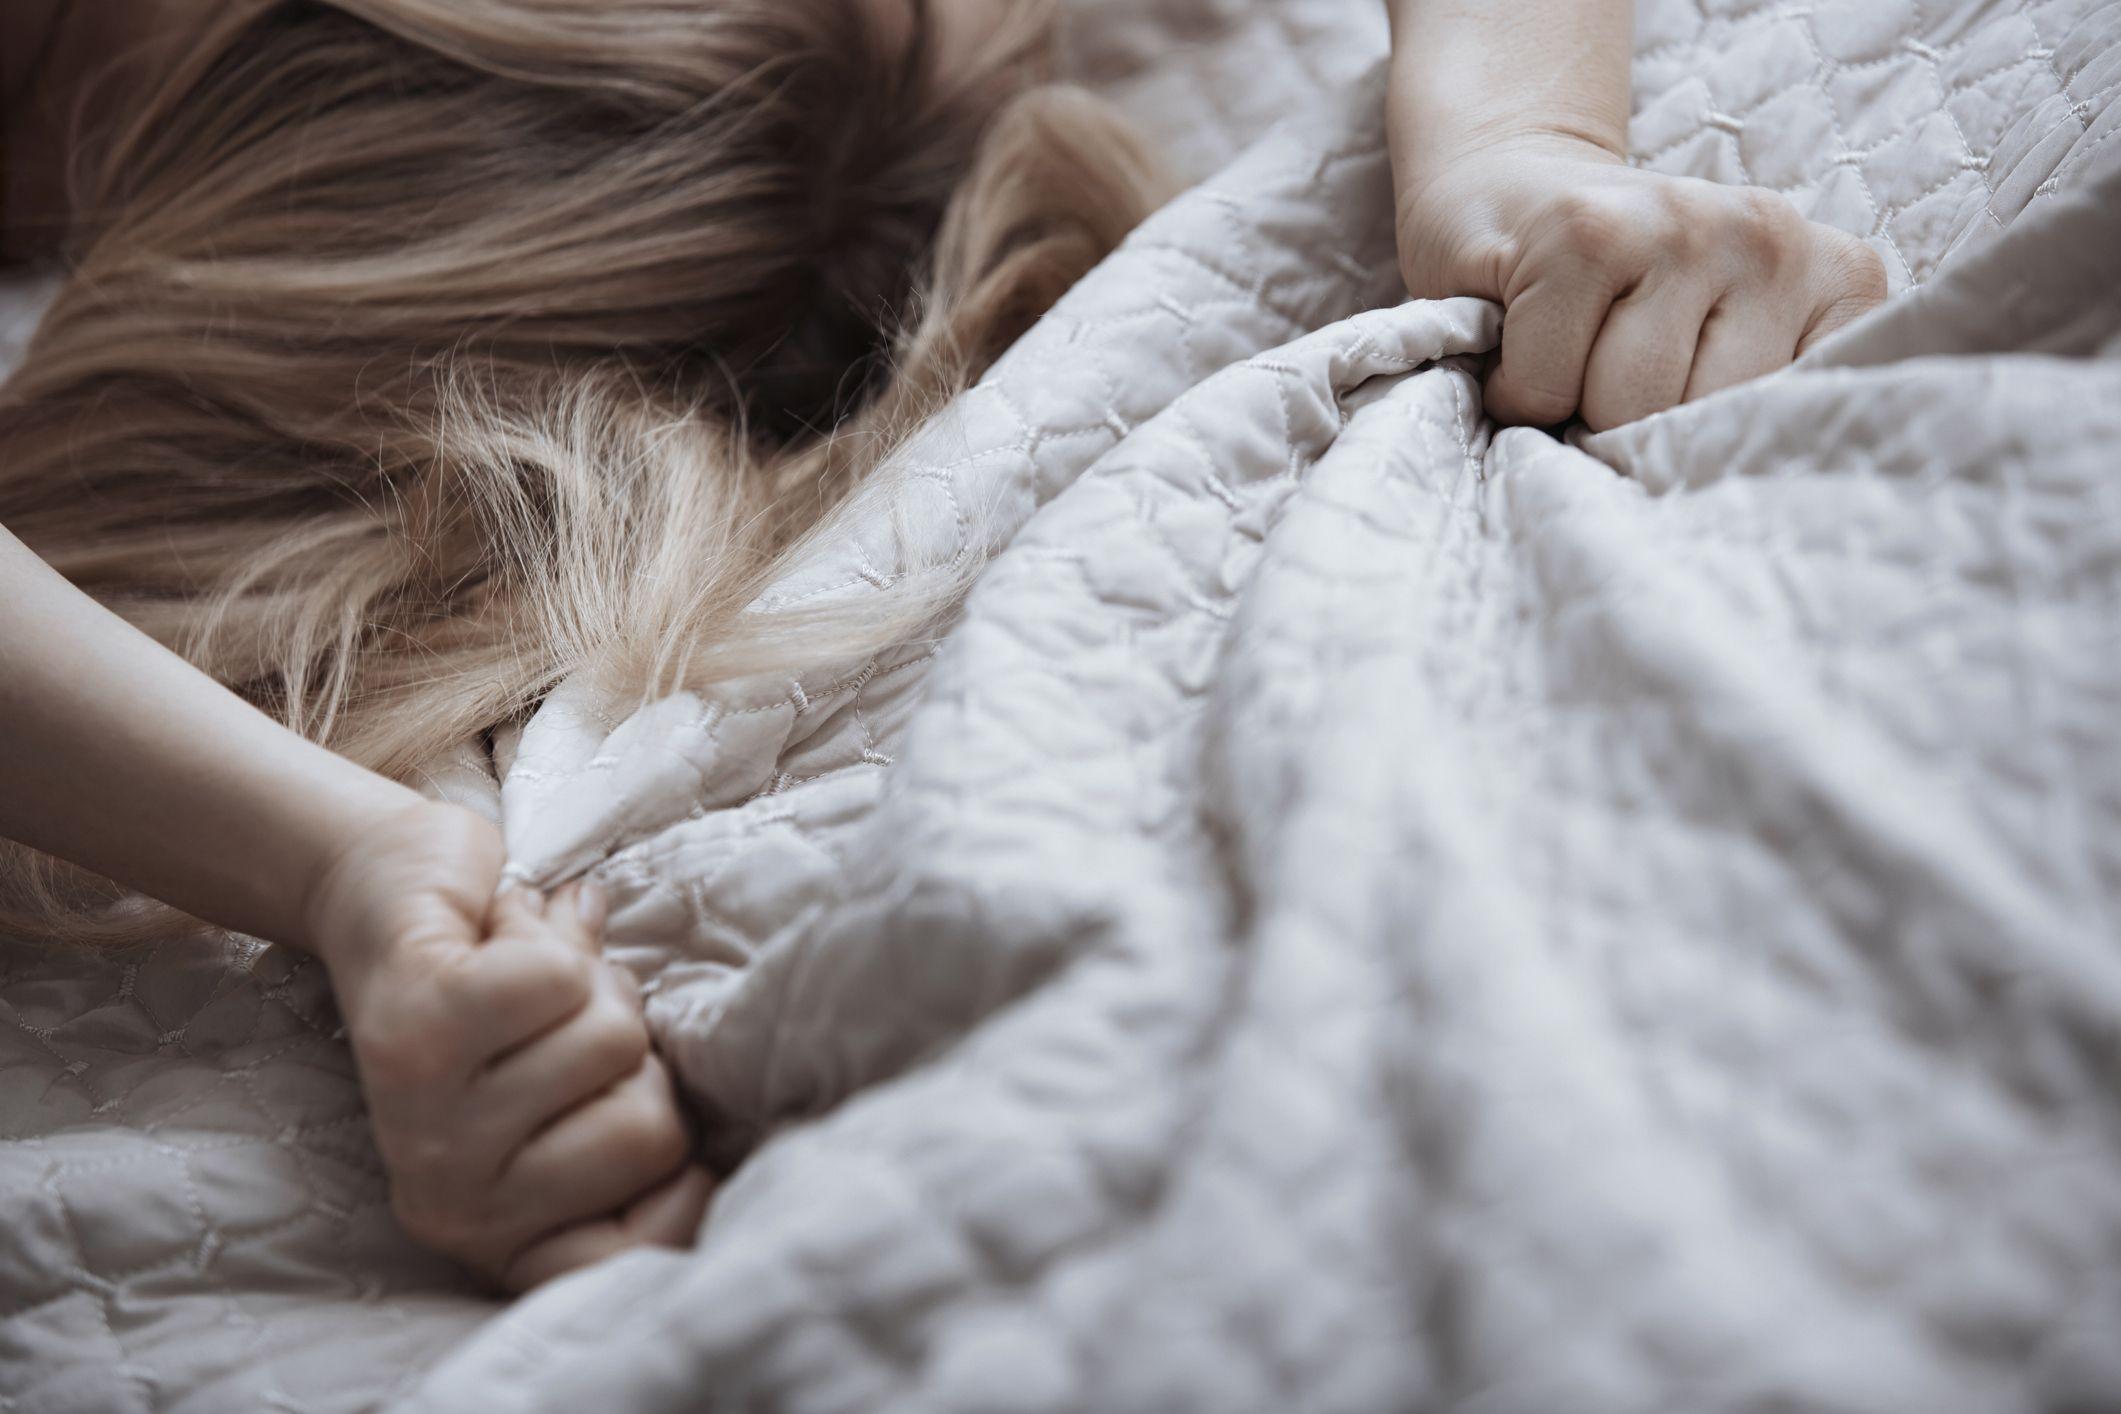 Sleeping female orgasm